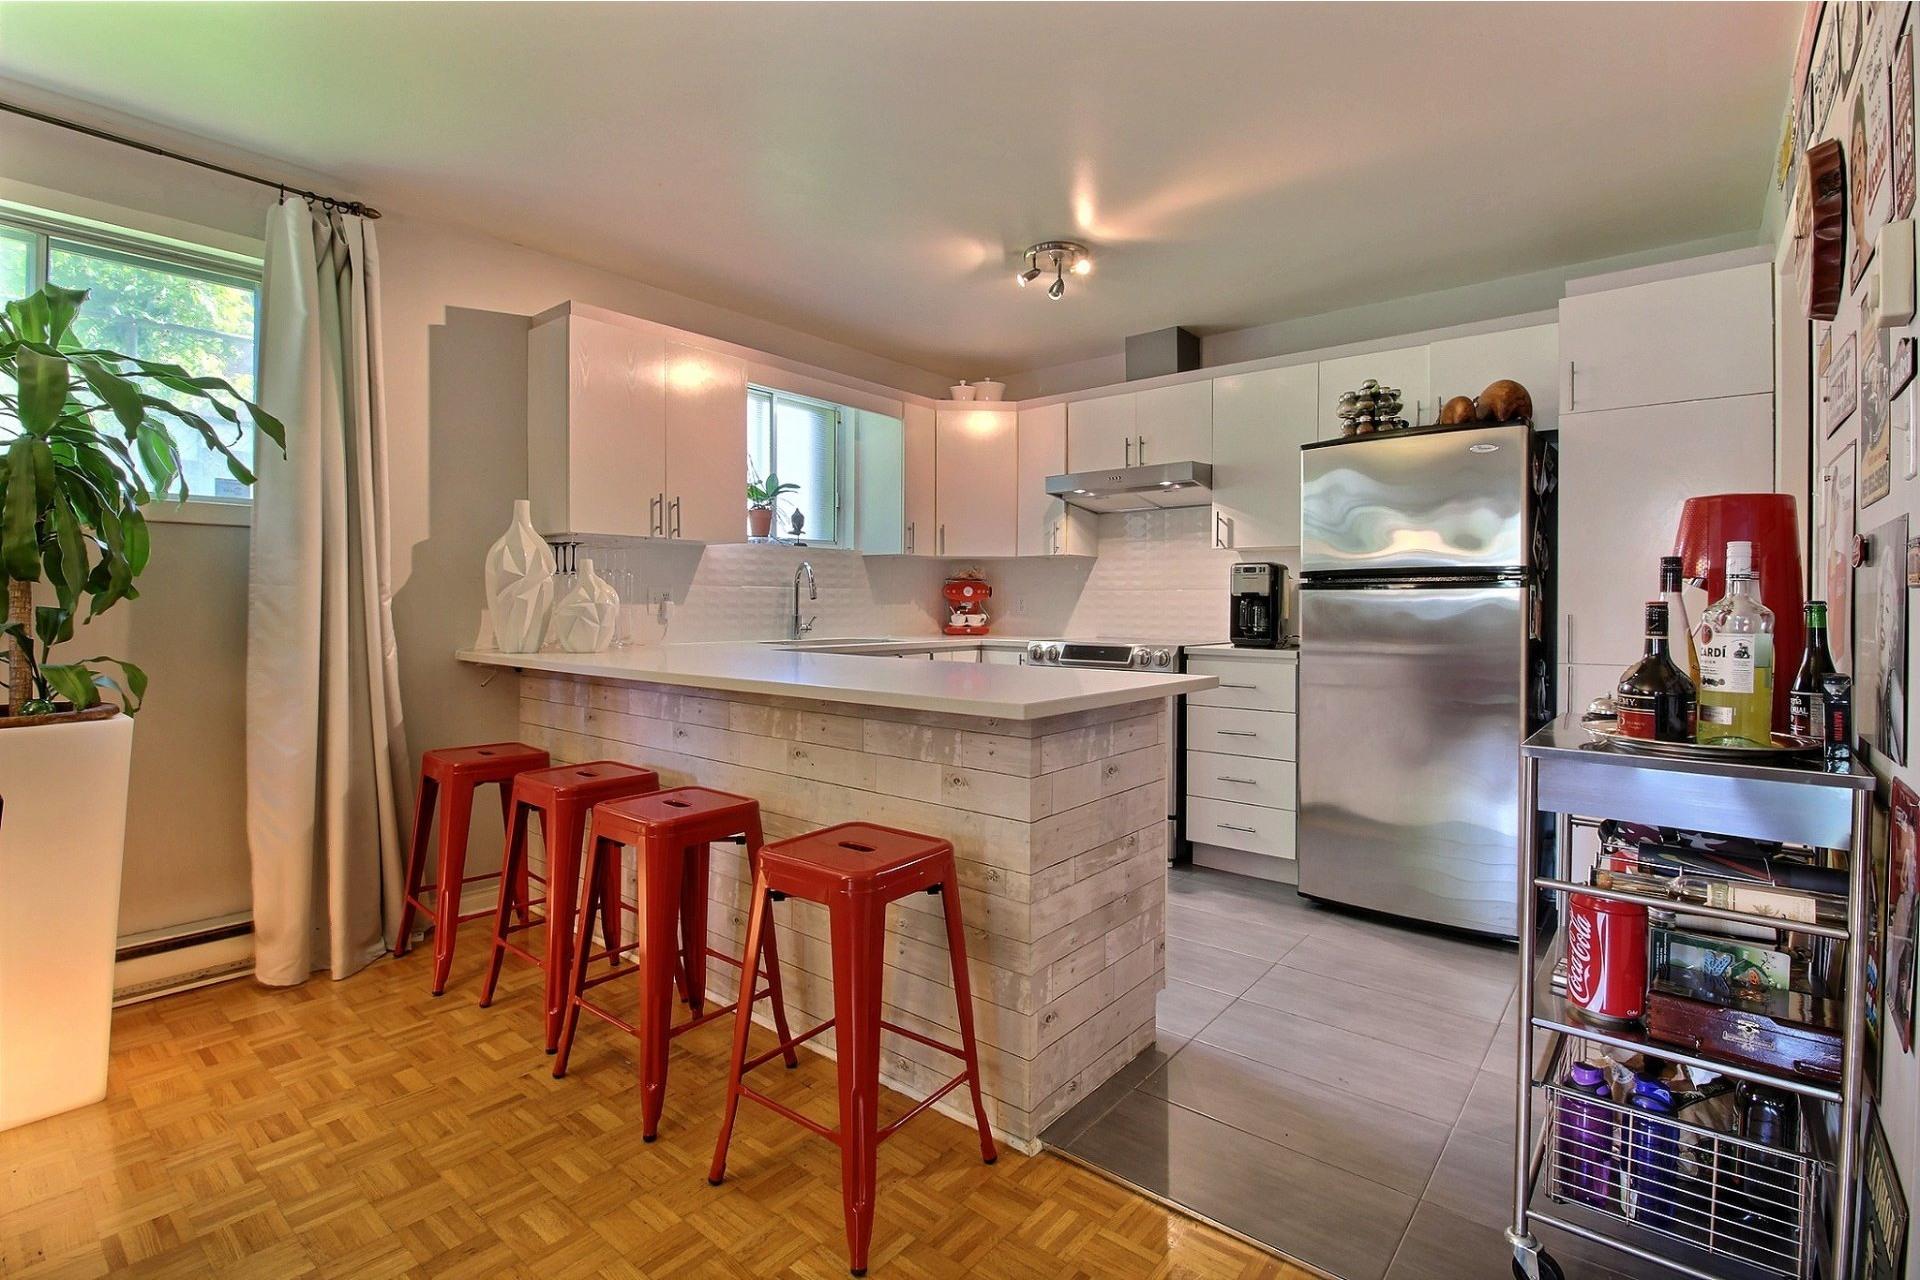 image 6 - Appartement À vendre Montréal Rivière-des-Prairies/Pointe-aux-Trembles  - 5 pièces